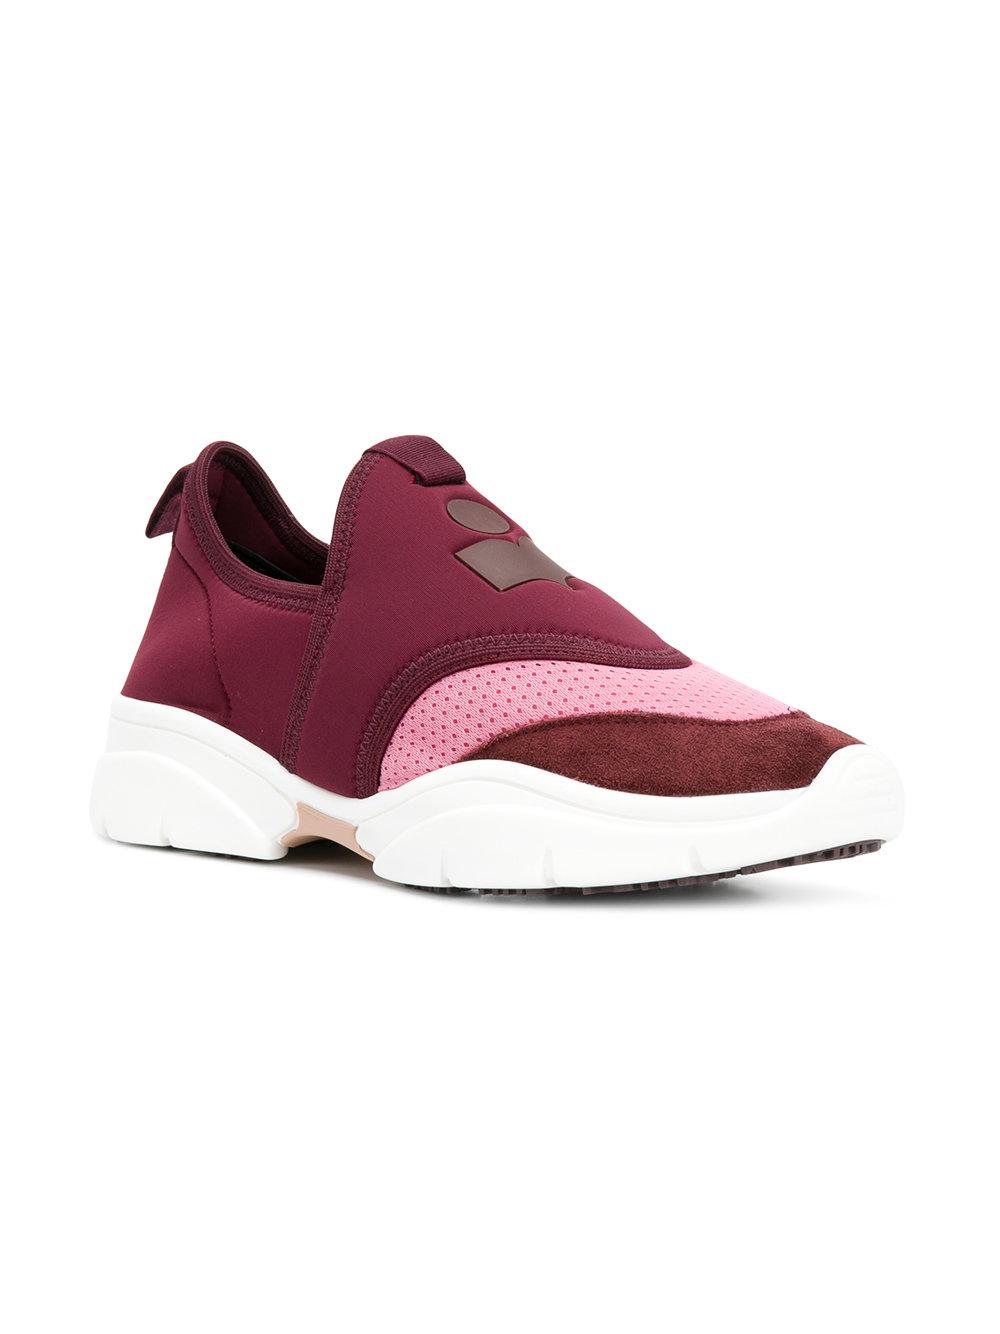 Isabel Marant Kaynee Chaussures De Sport - Rose Et Violet hR5GTd